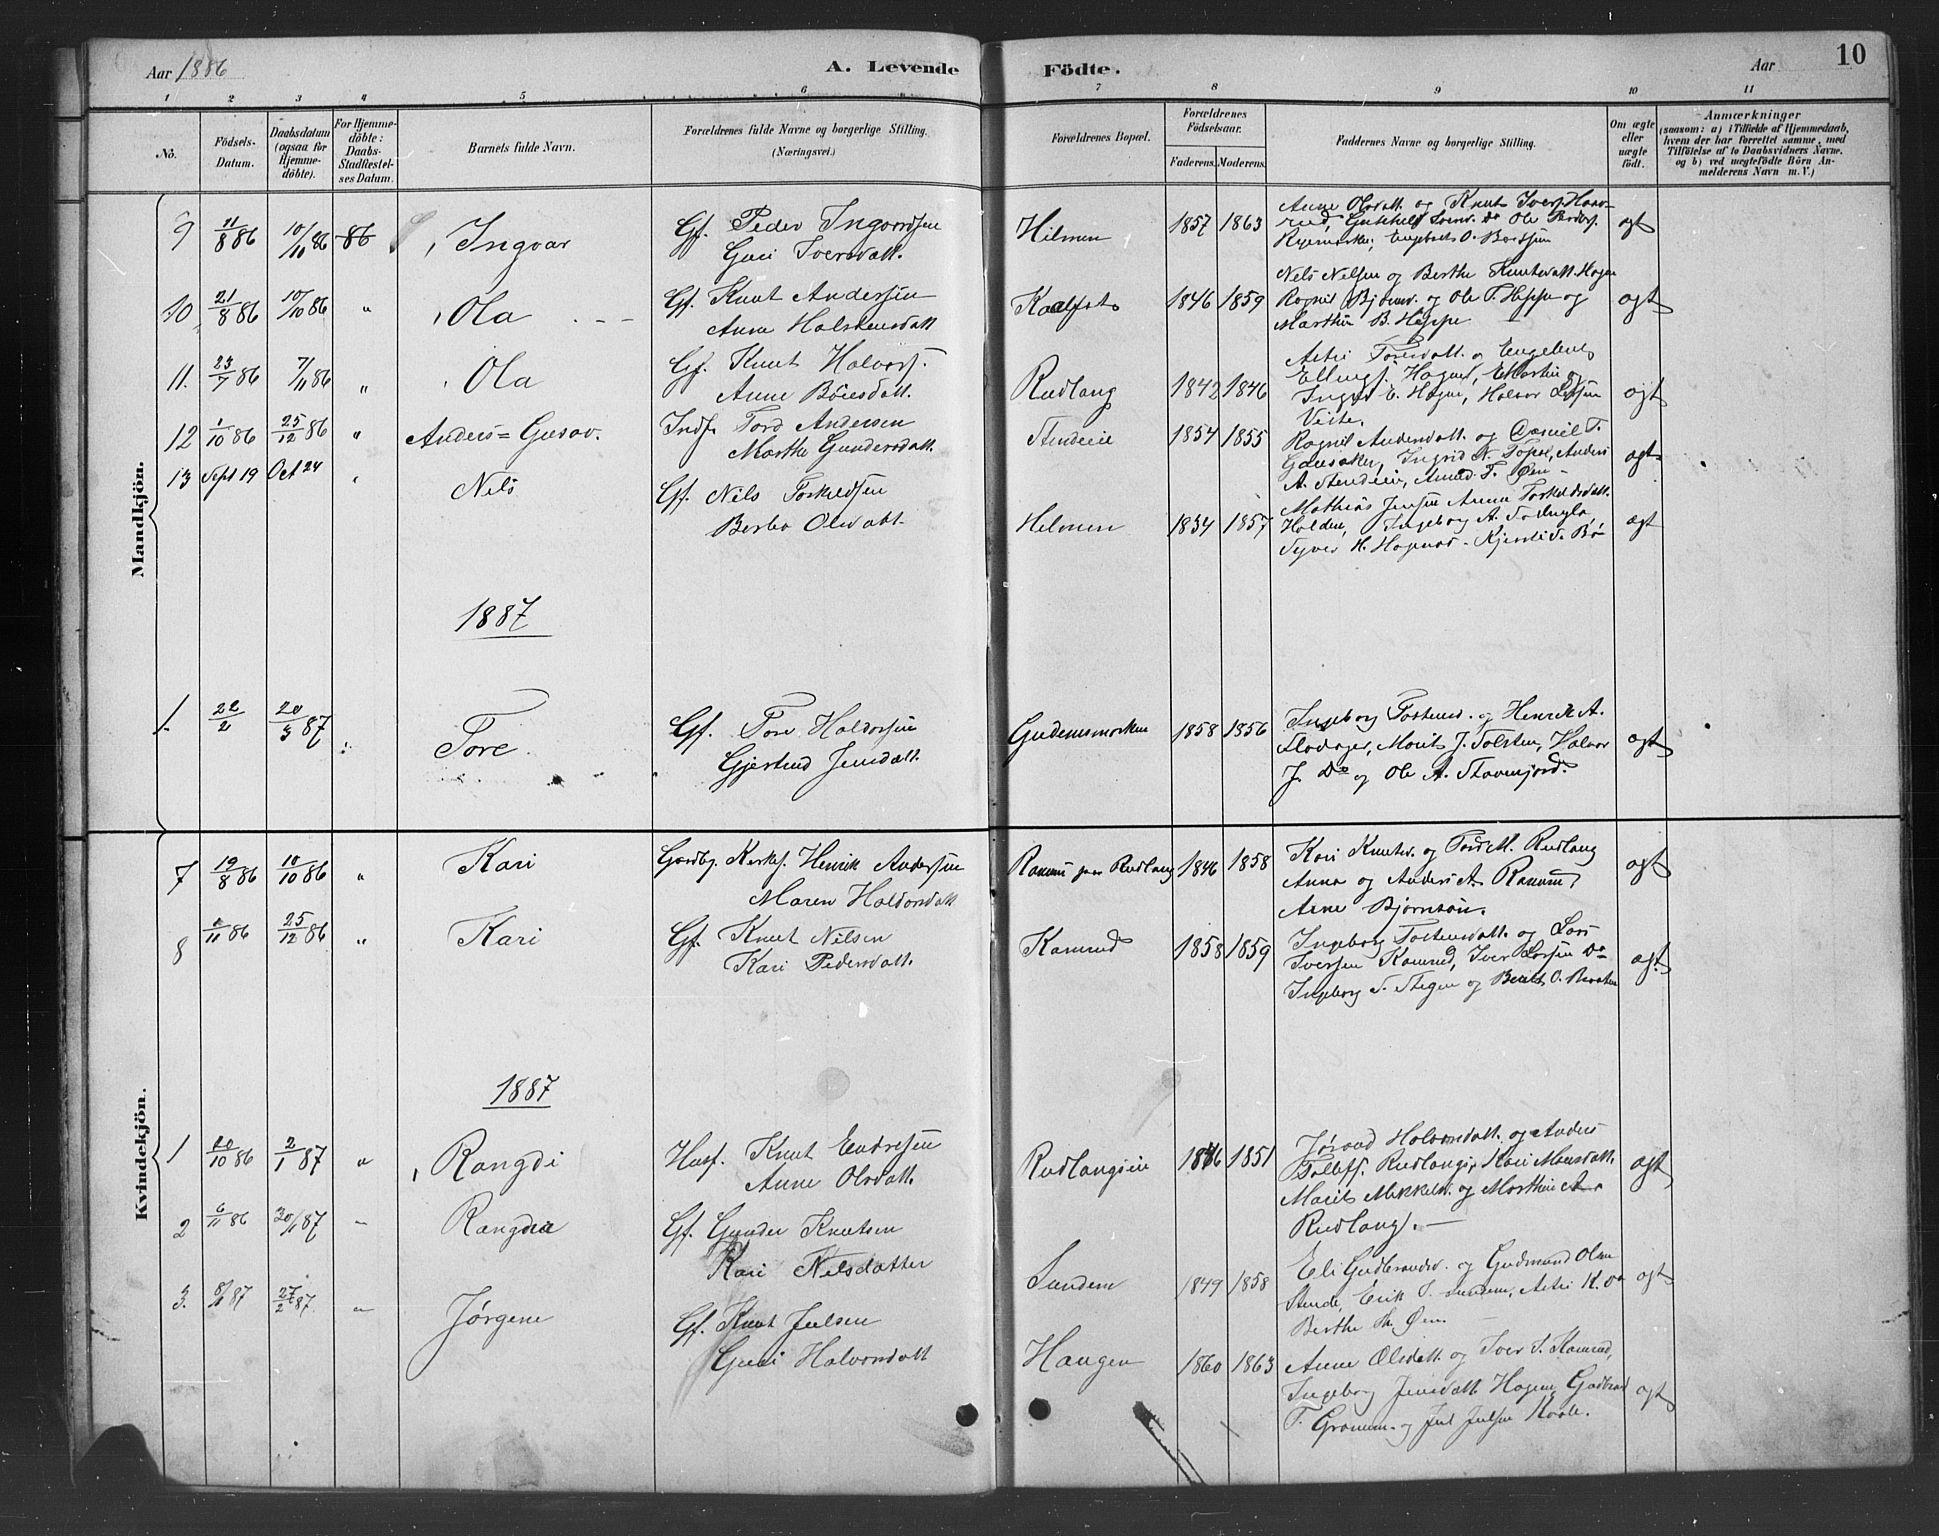 SAH, Nord-Aurdal prestekontor, Klokkerbok nr. 8, 1883-1916, s. 10